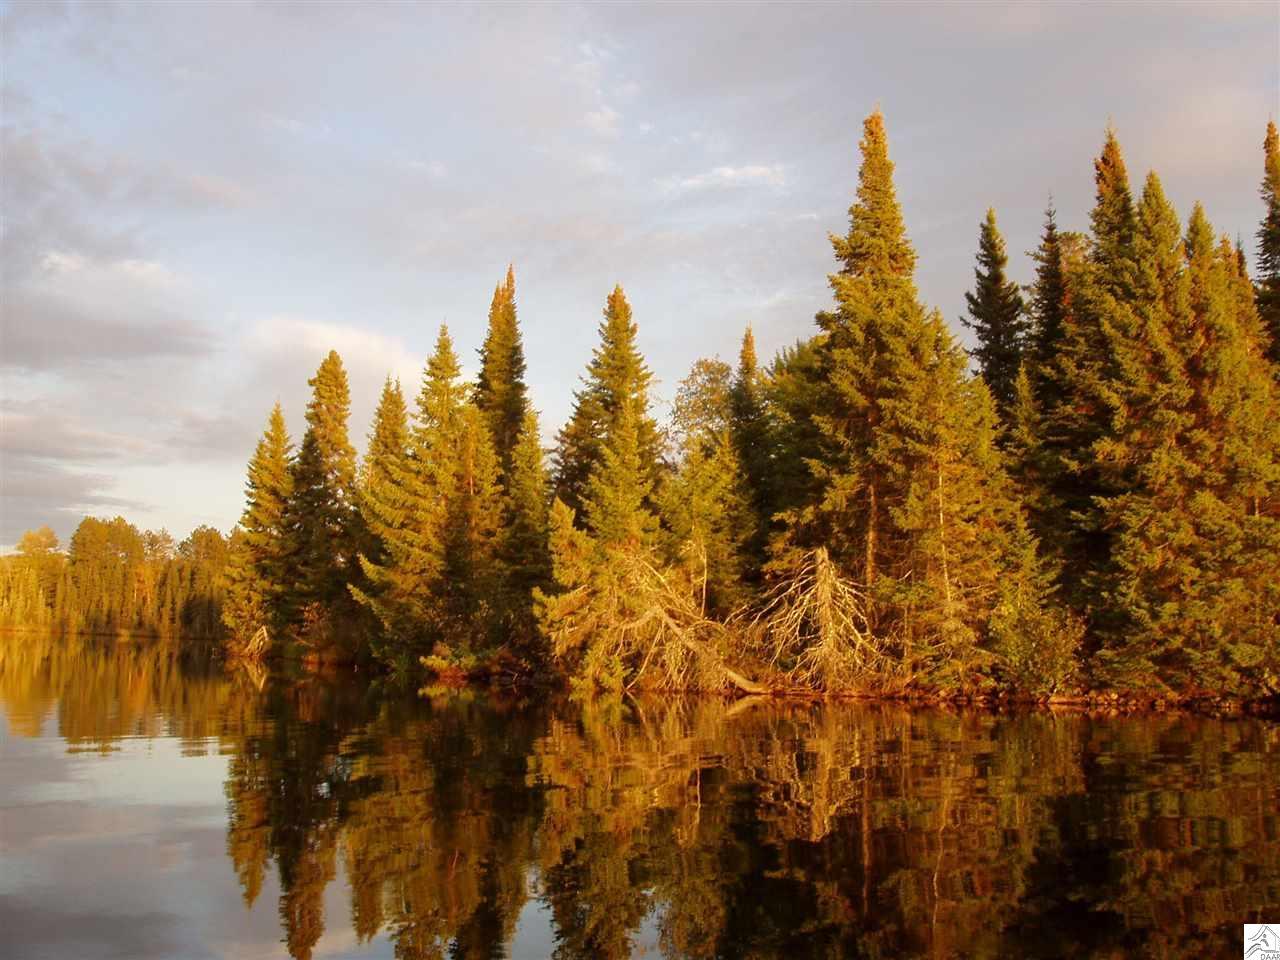 XXXX Muckwa Lake Rd, Ely, MN 55731